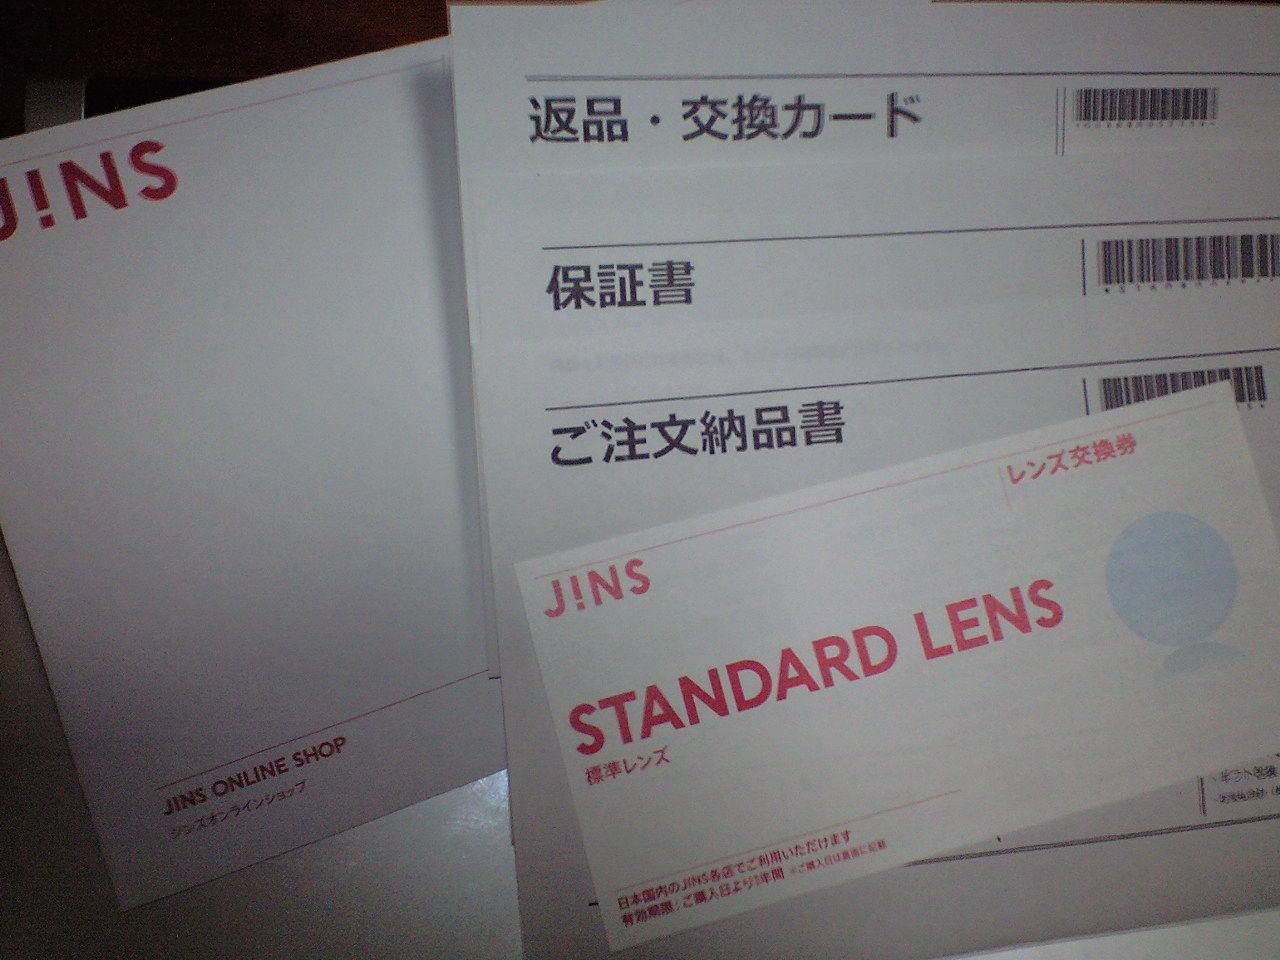 レンズ 交換 ジンズ 他社メガネのレンズだけ交換方法。JINSやゾフ、眼鏡市場のレンズ交換費用はいくら?